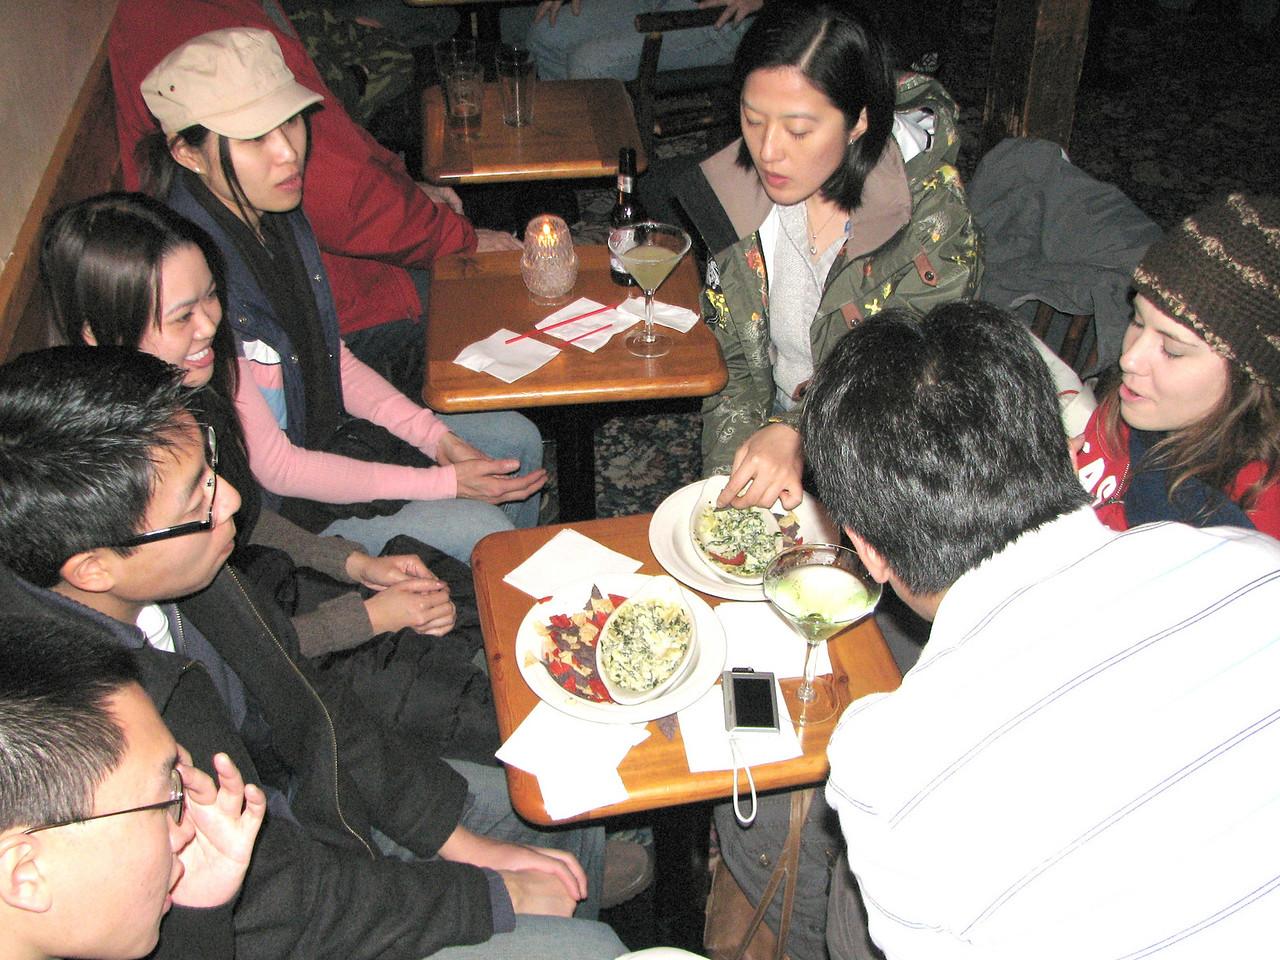 2008 02 09 Sat - Group dinner @ Mogul Restaurant